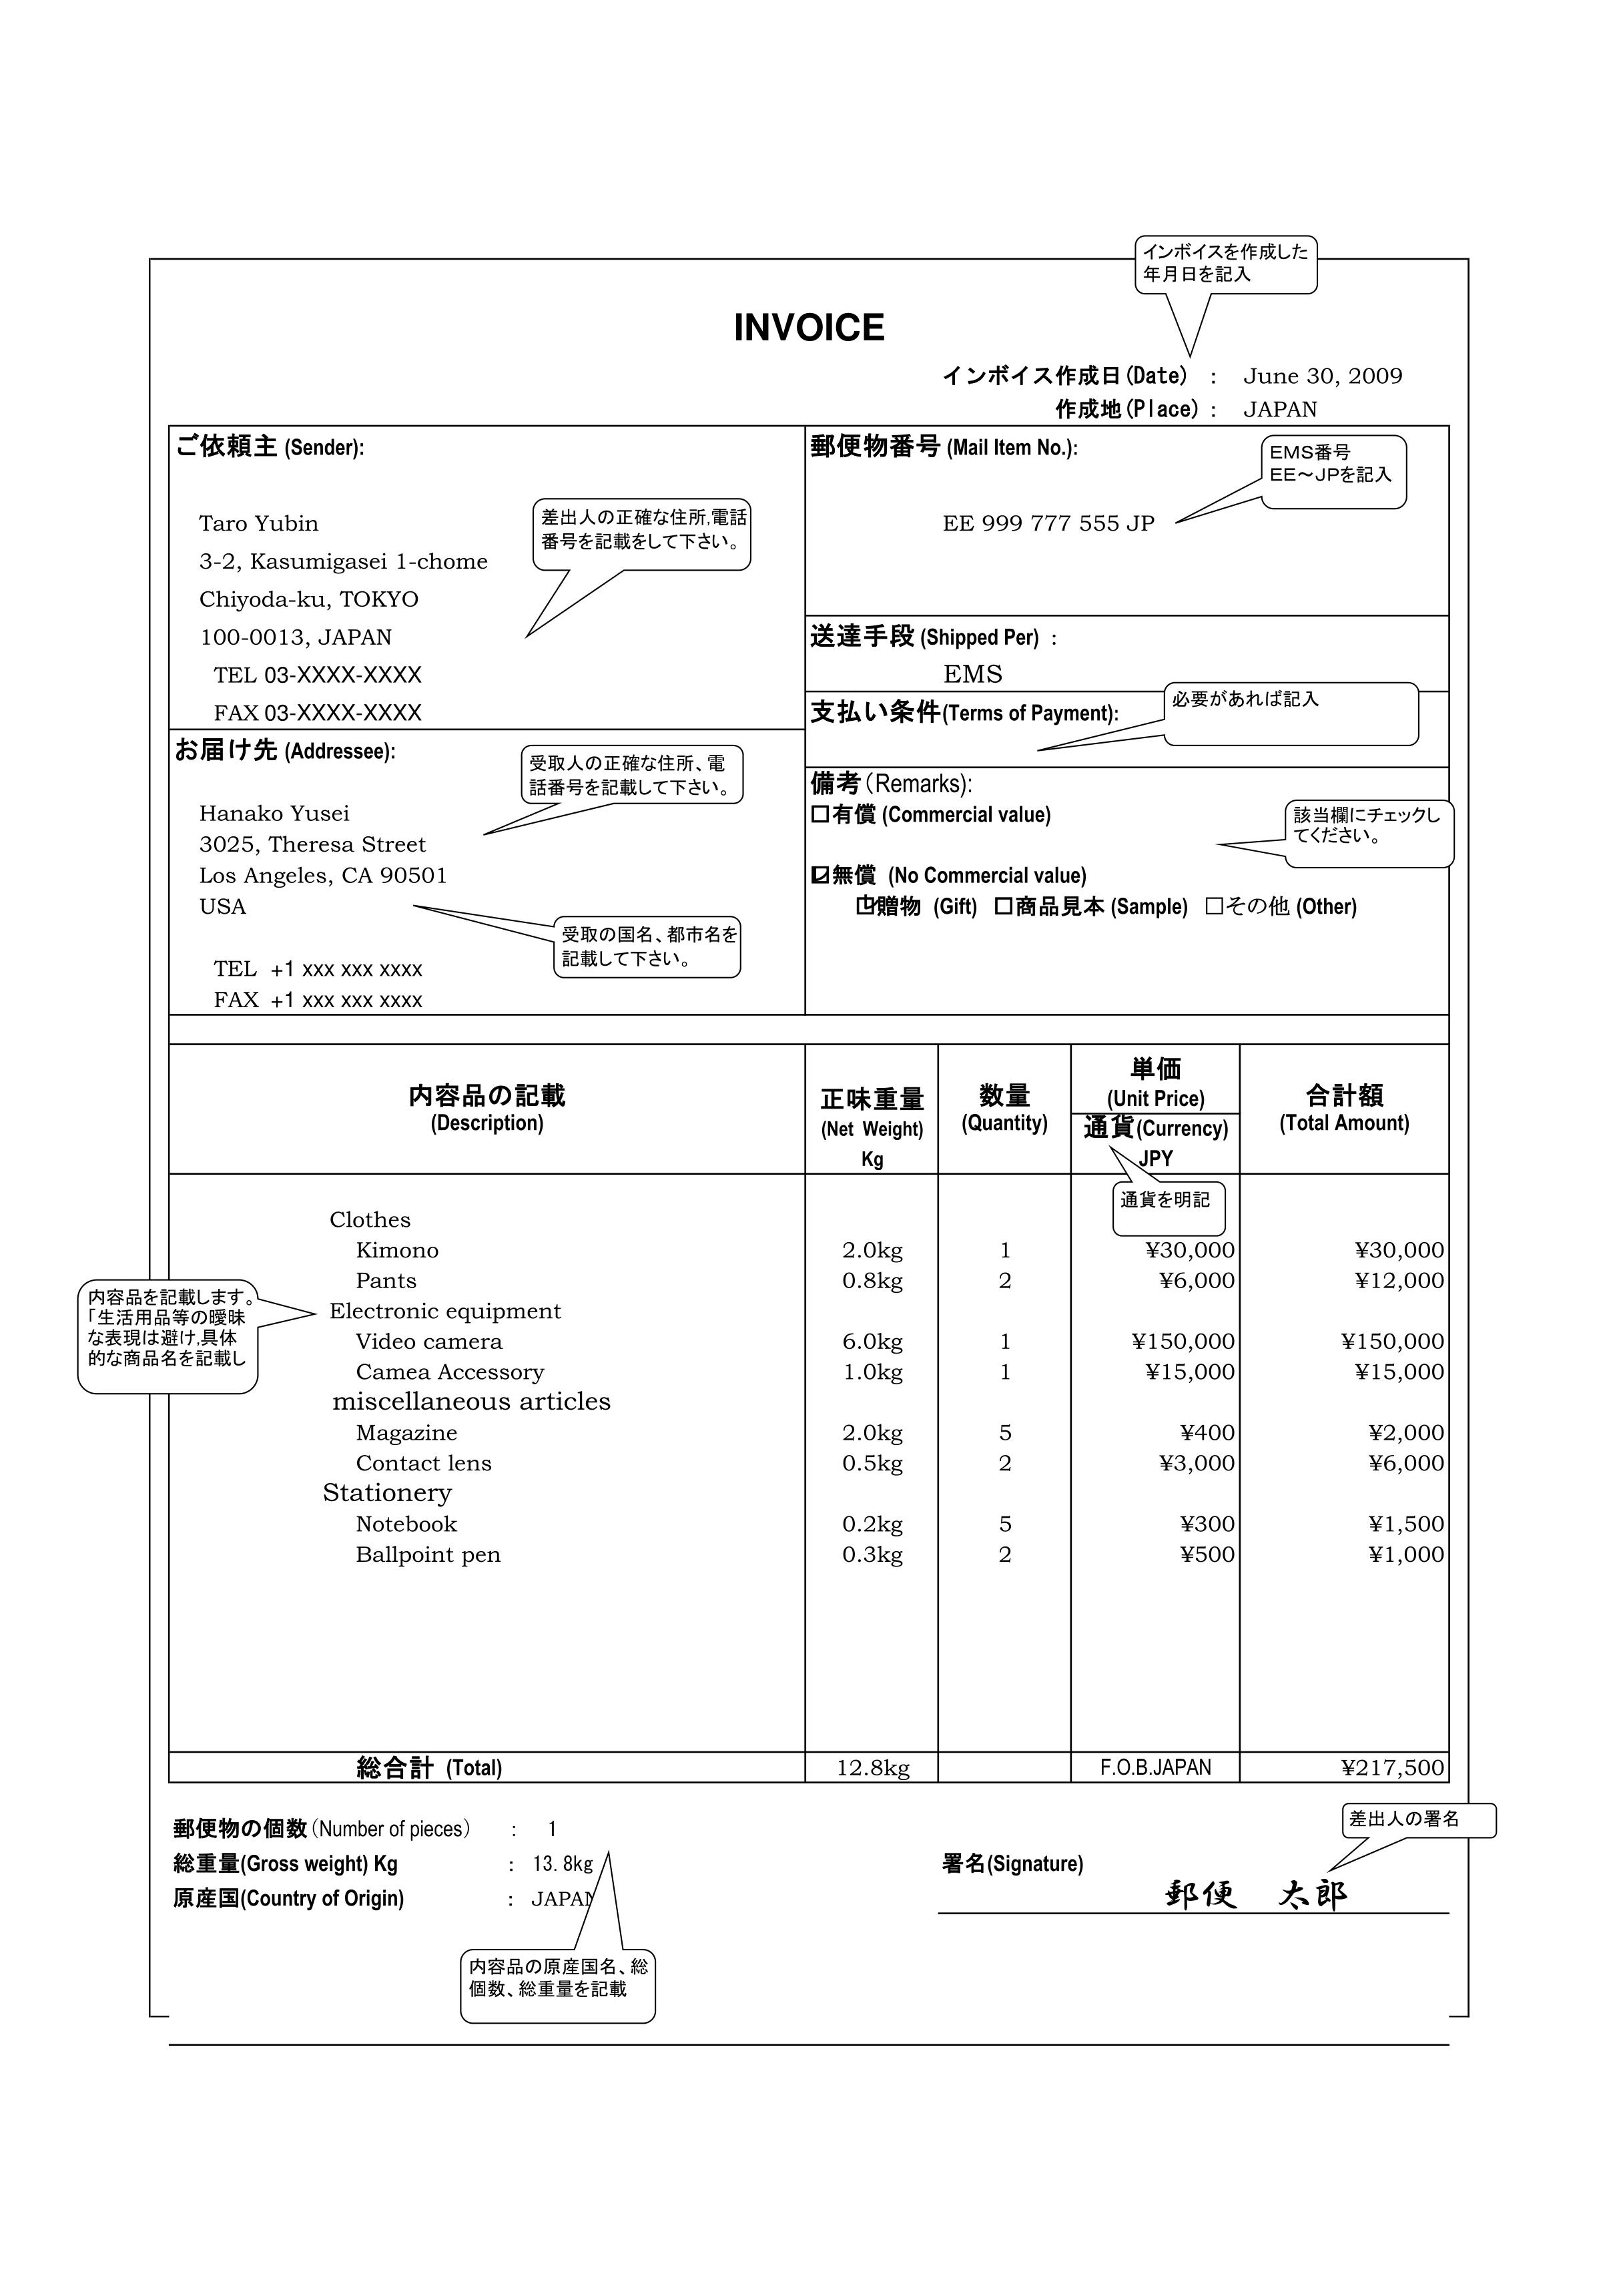 日本郵便インボイス記入例